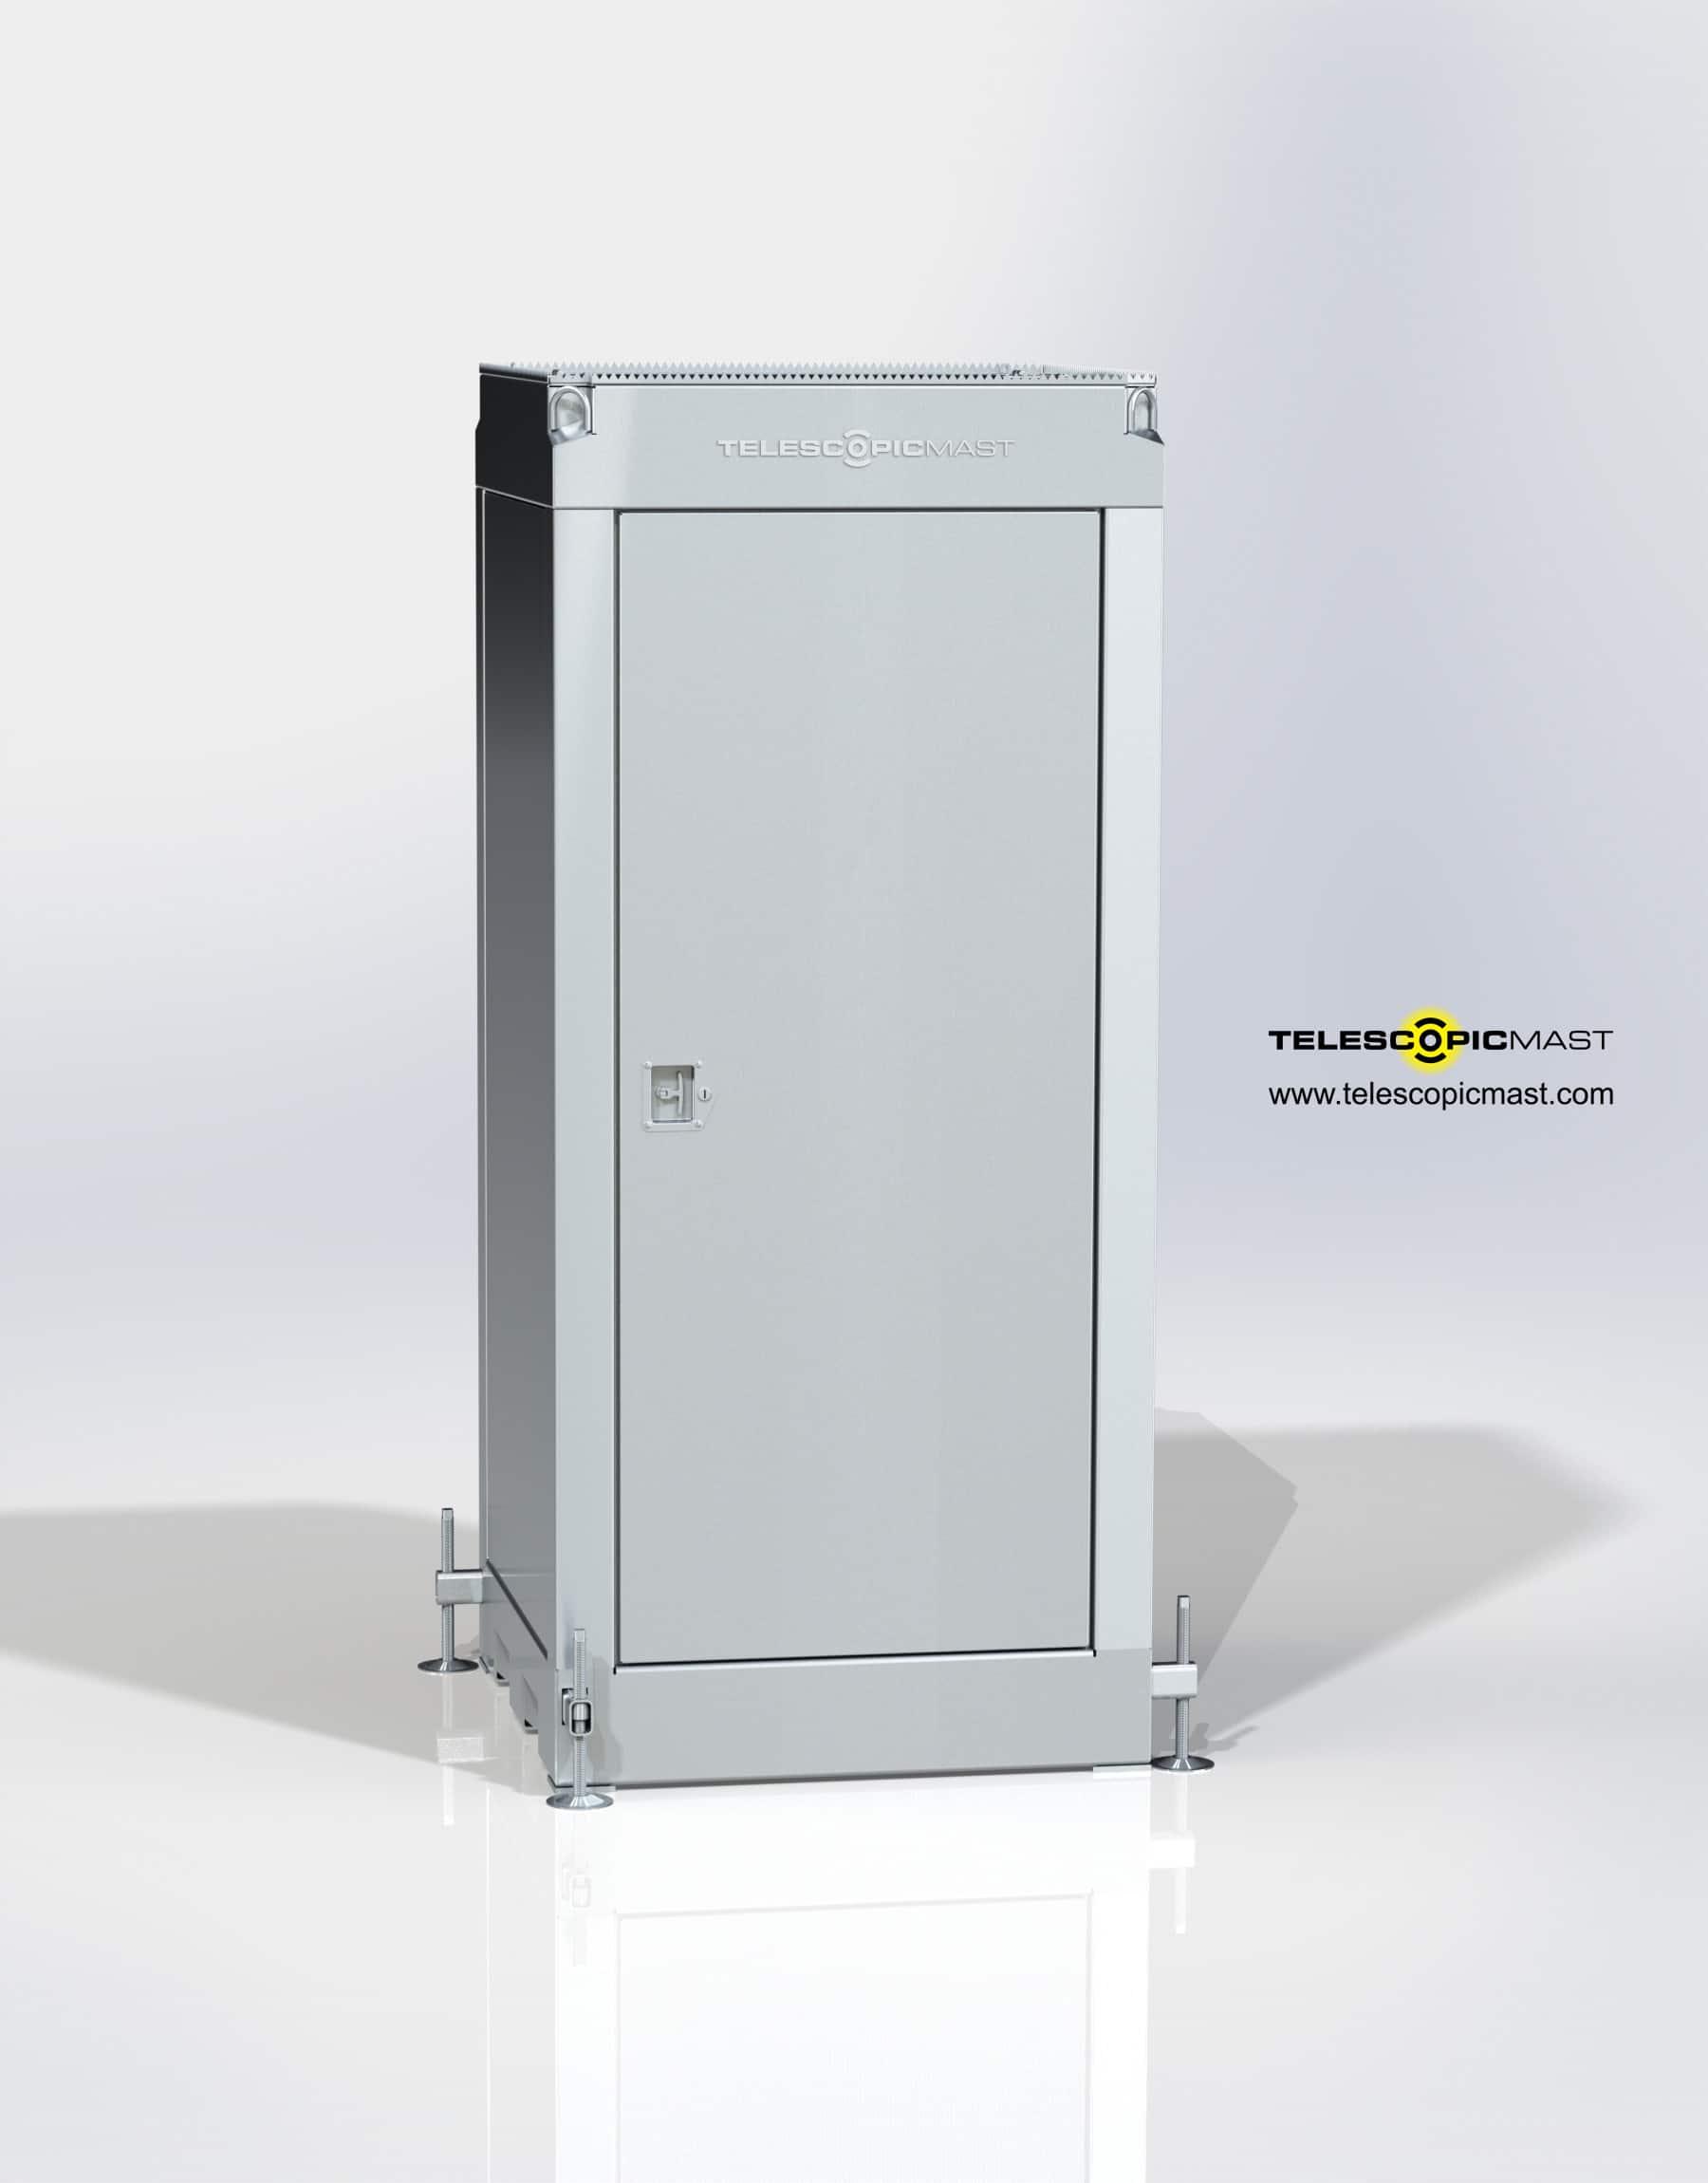 MSB6-Premium and Electric Closed 20171121